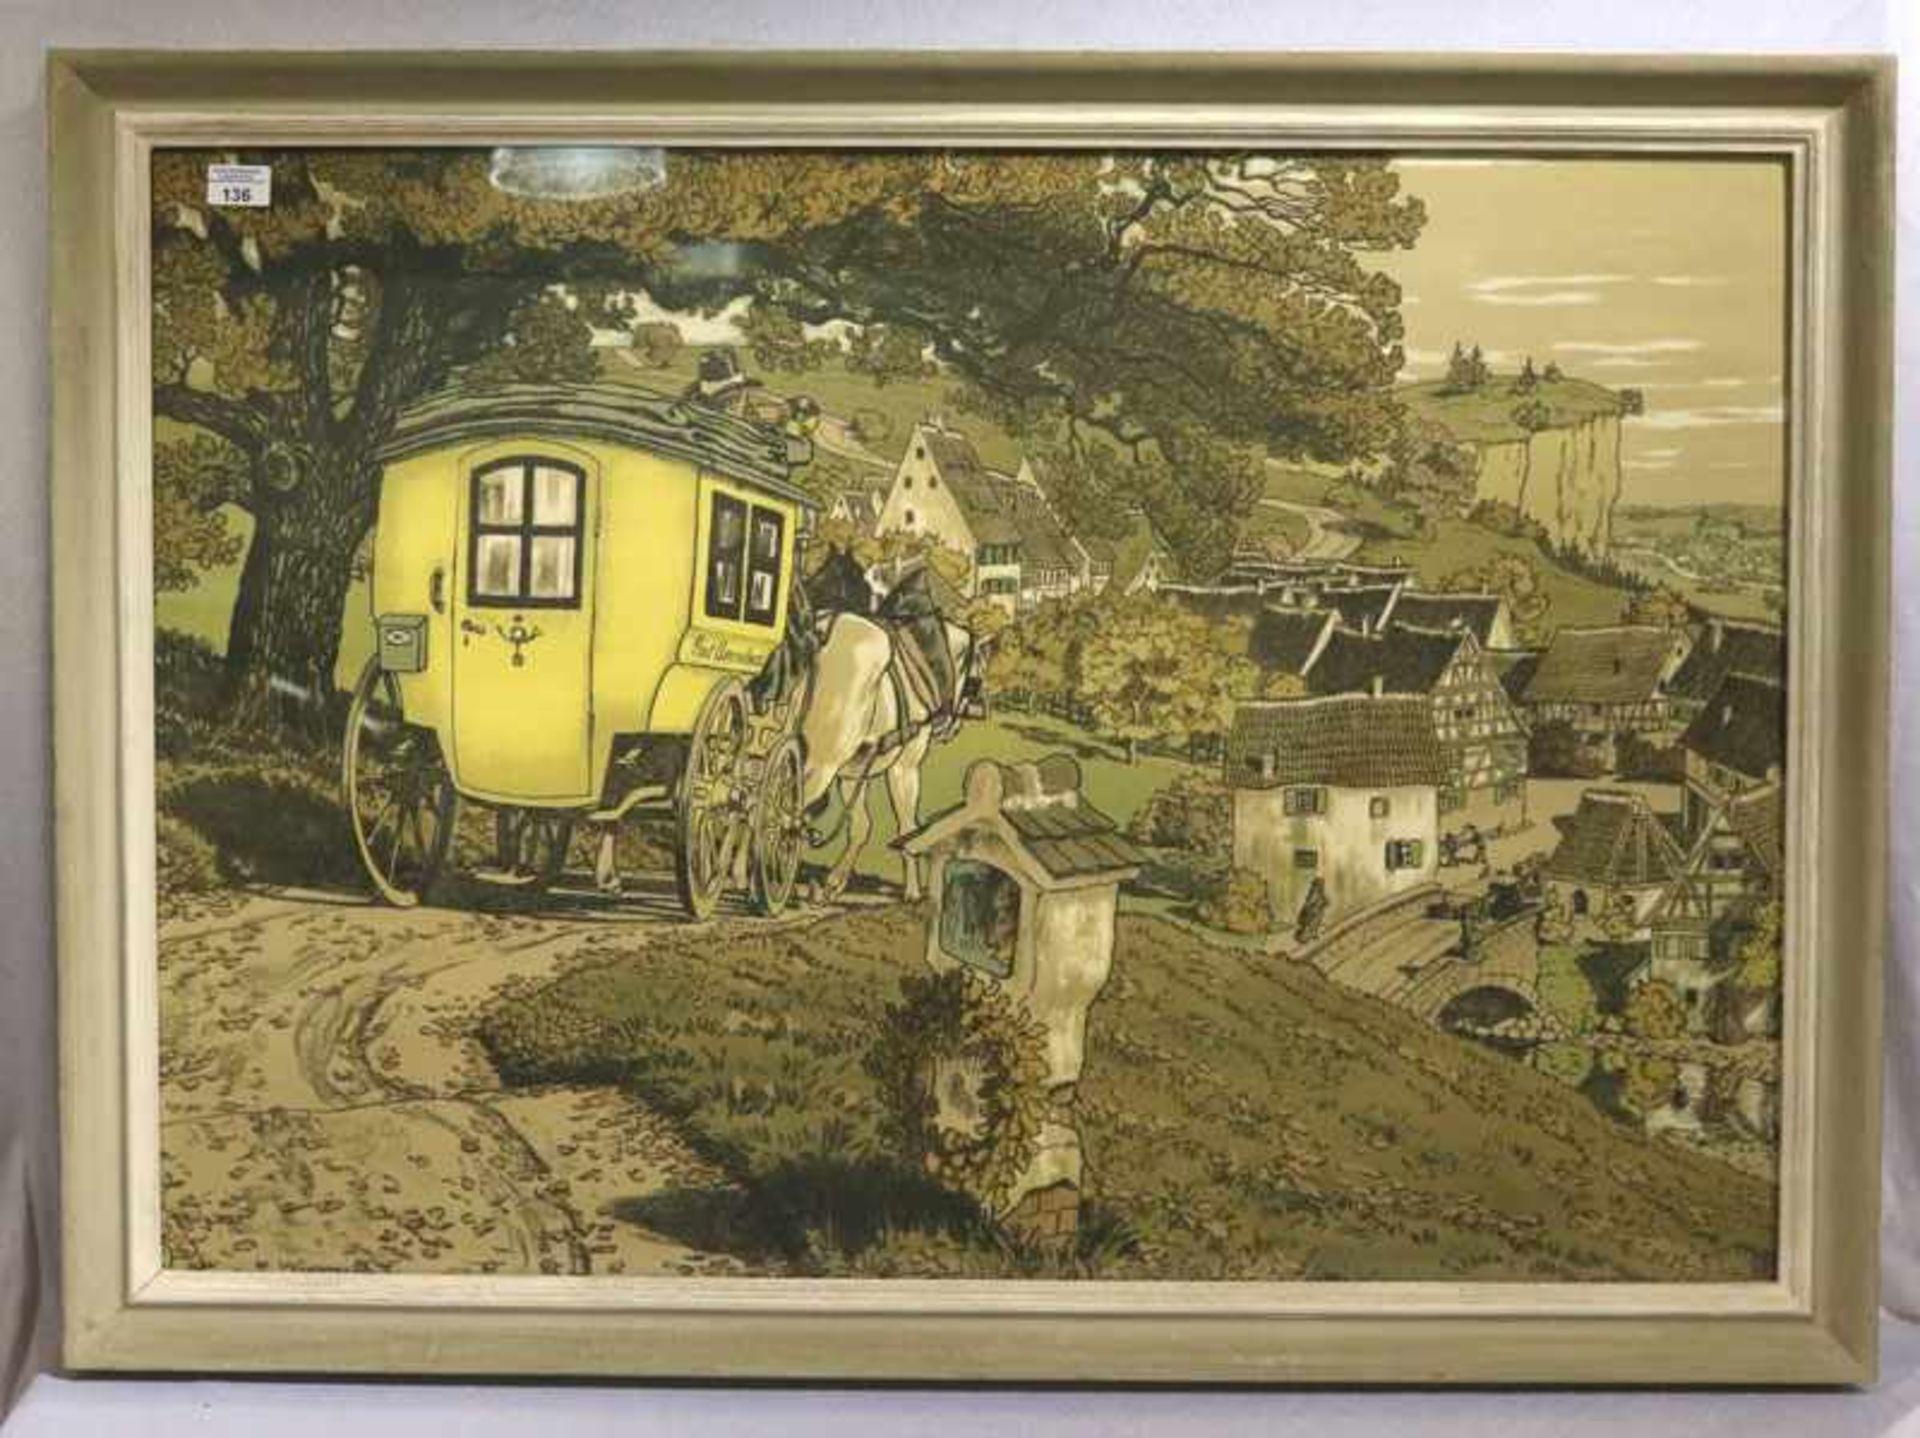 Los 136 - Druck 'Landschafts-Szenerie mit Postkutsche', in der Platte signiert W. Gerog i. Ob. ?, unter Glas